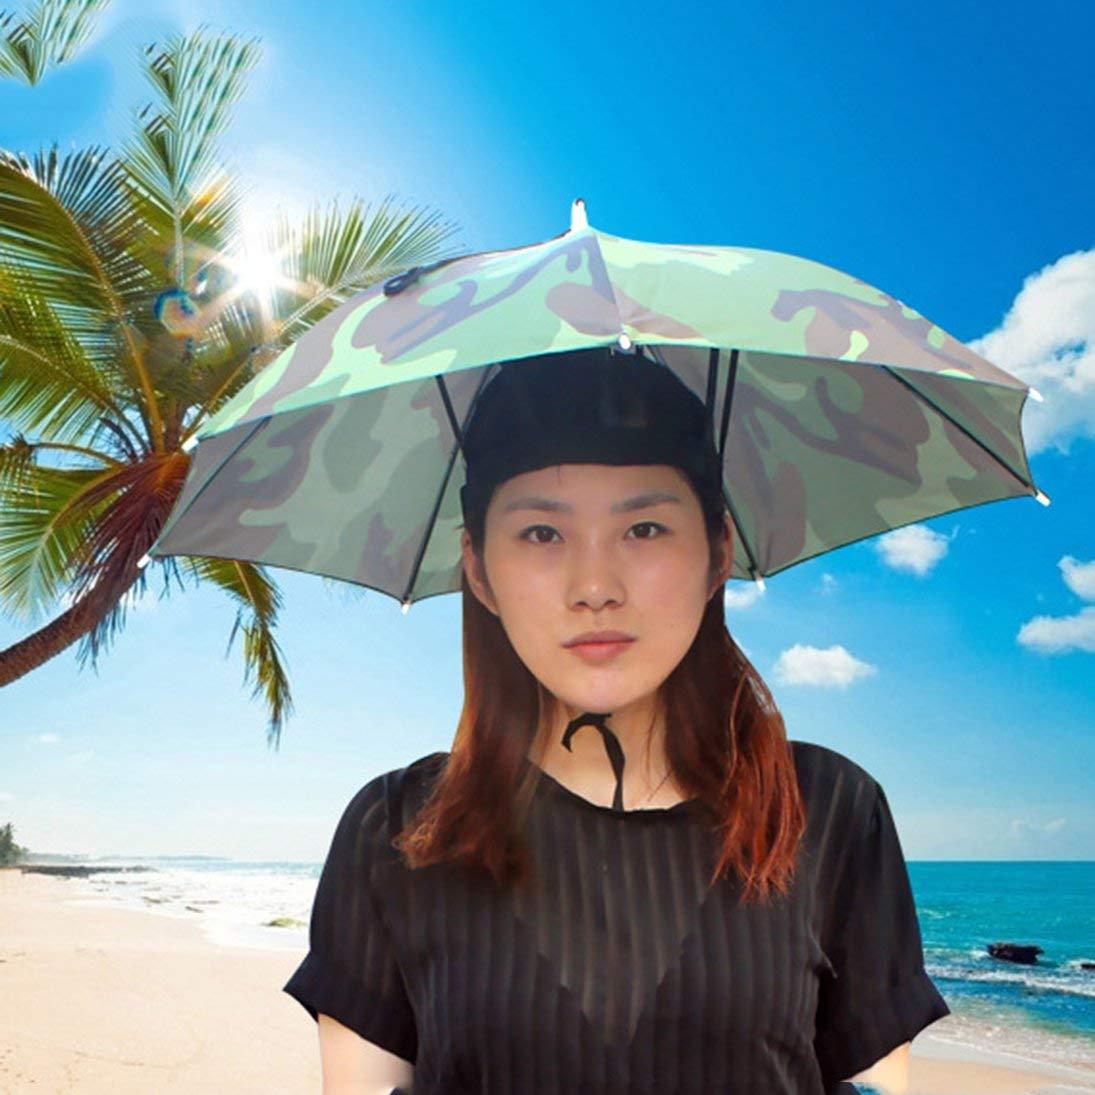 Togames-ES Deportes al Aire Libre portátil 69 cm Sombrero Sombrilla Sombrero  Plegable Mujeres Hombres Paraguas Pesca Senderismo Golf Playa Sombrero Sin  ... e227996b1a6